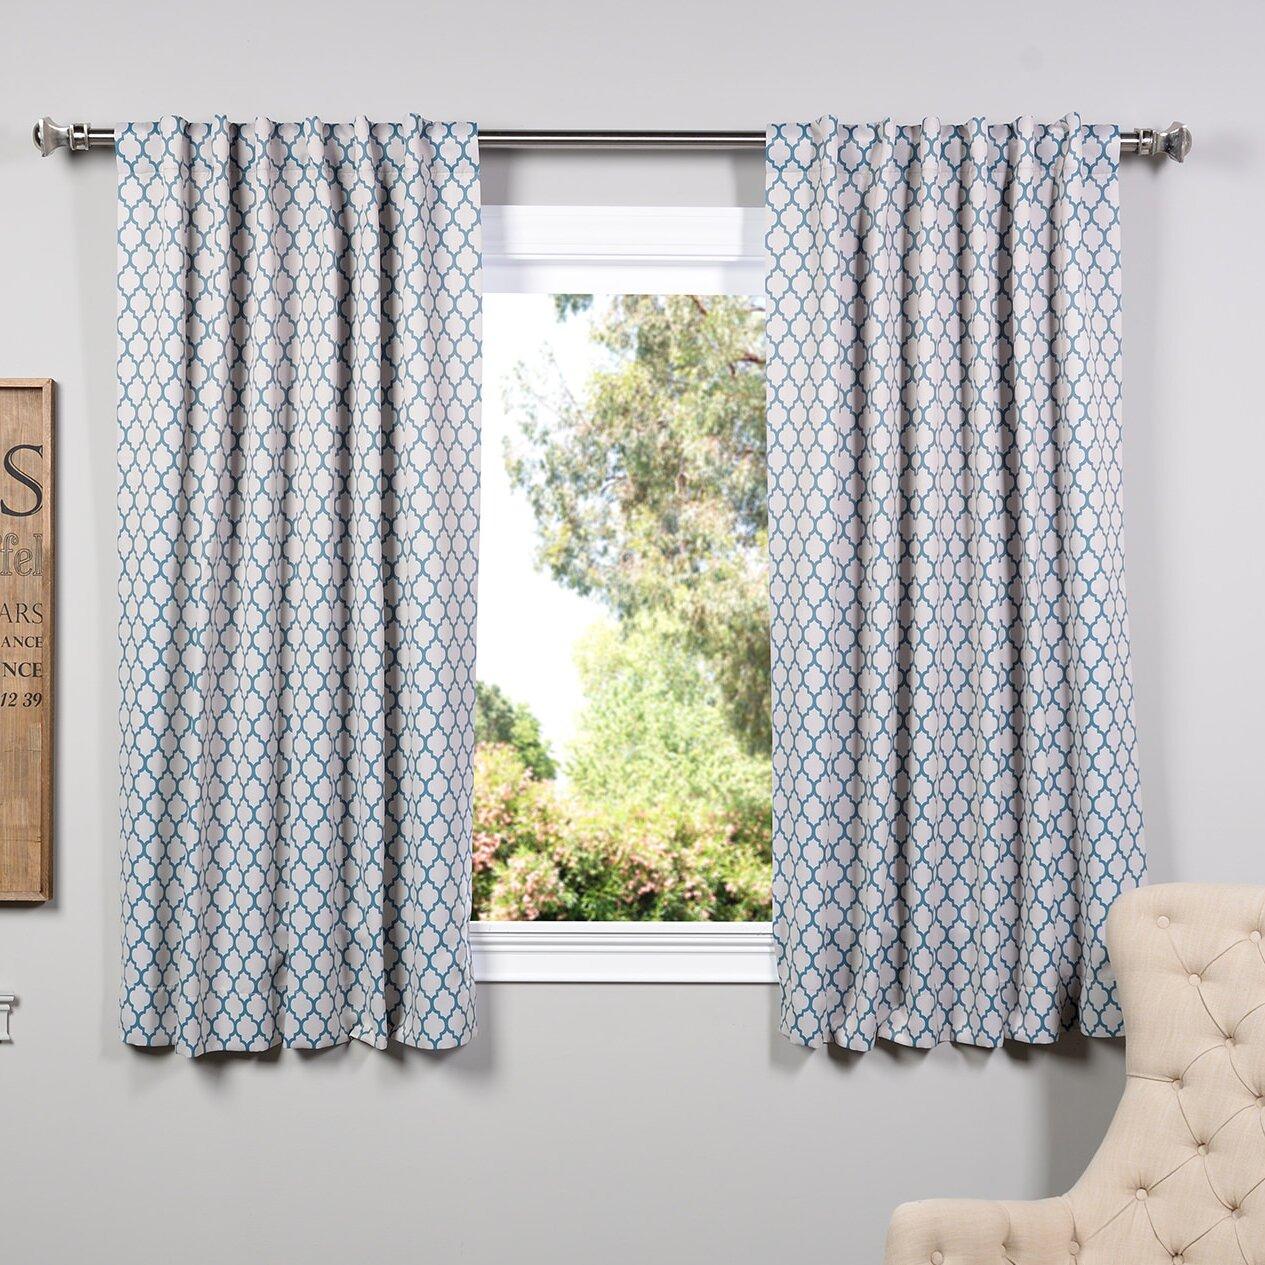 Halfpriced Drapes: Half Price Drapes Blackout Single Curtain Panel & Reviews